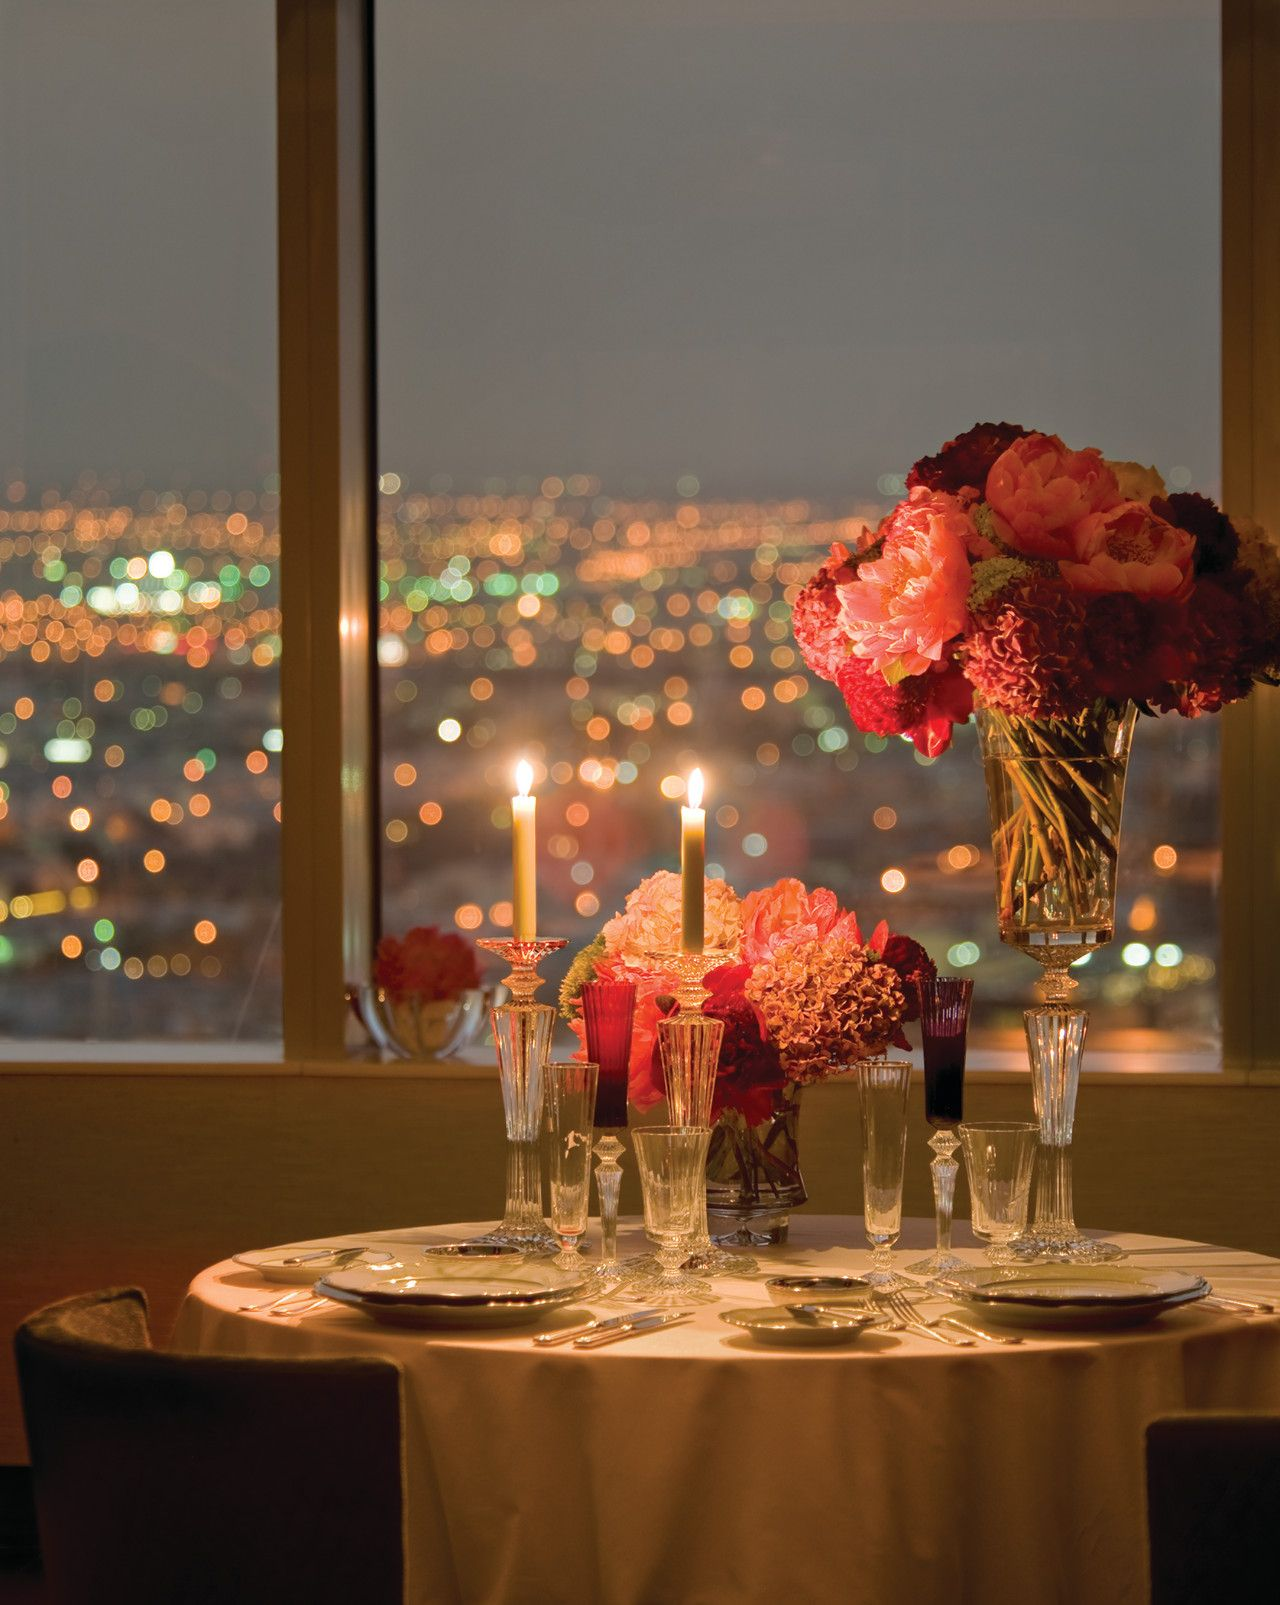 Hotels In Riyadh Four Seasons Hotel Riyadh Kingdom Of Saudi Arabia Riyadh An Unforgettable Dinner For T Romantic Dinners Dinner For Two Seasons Hotel